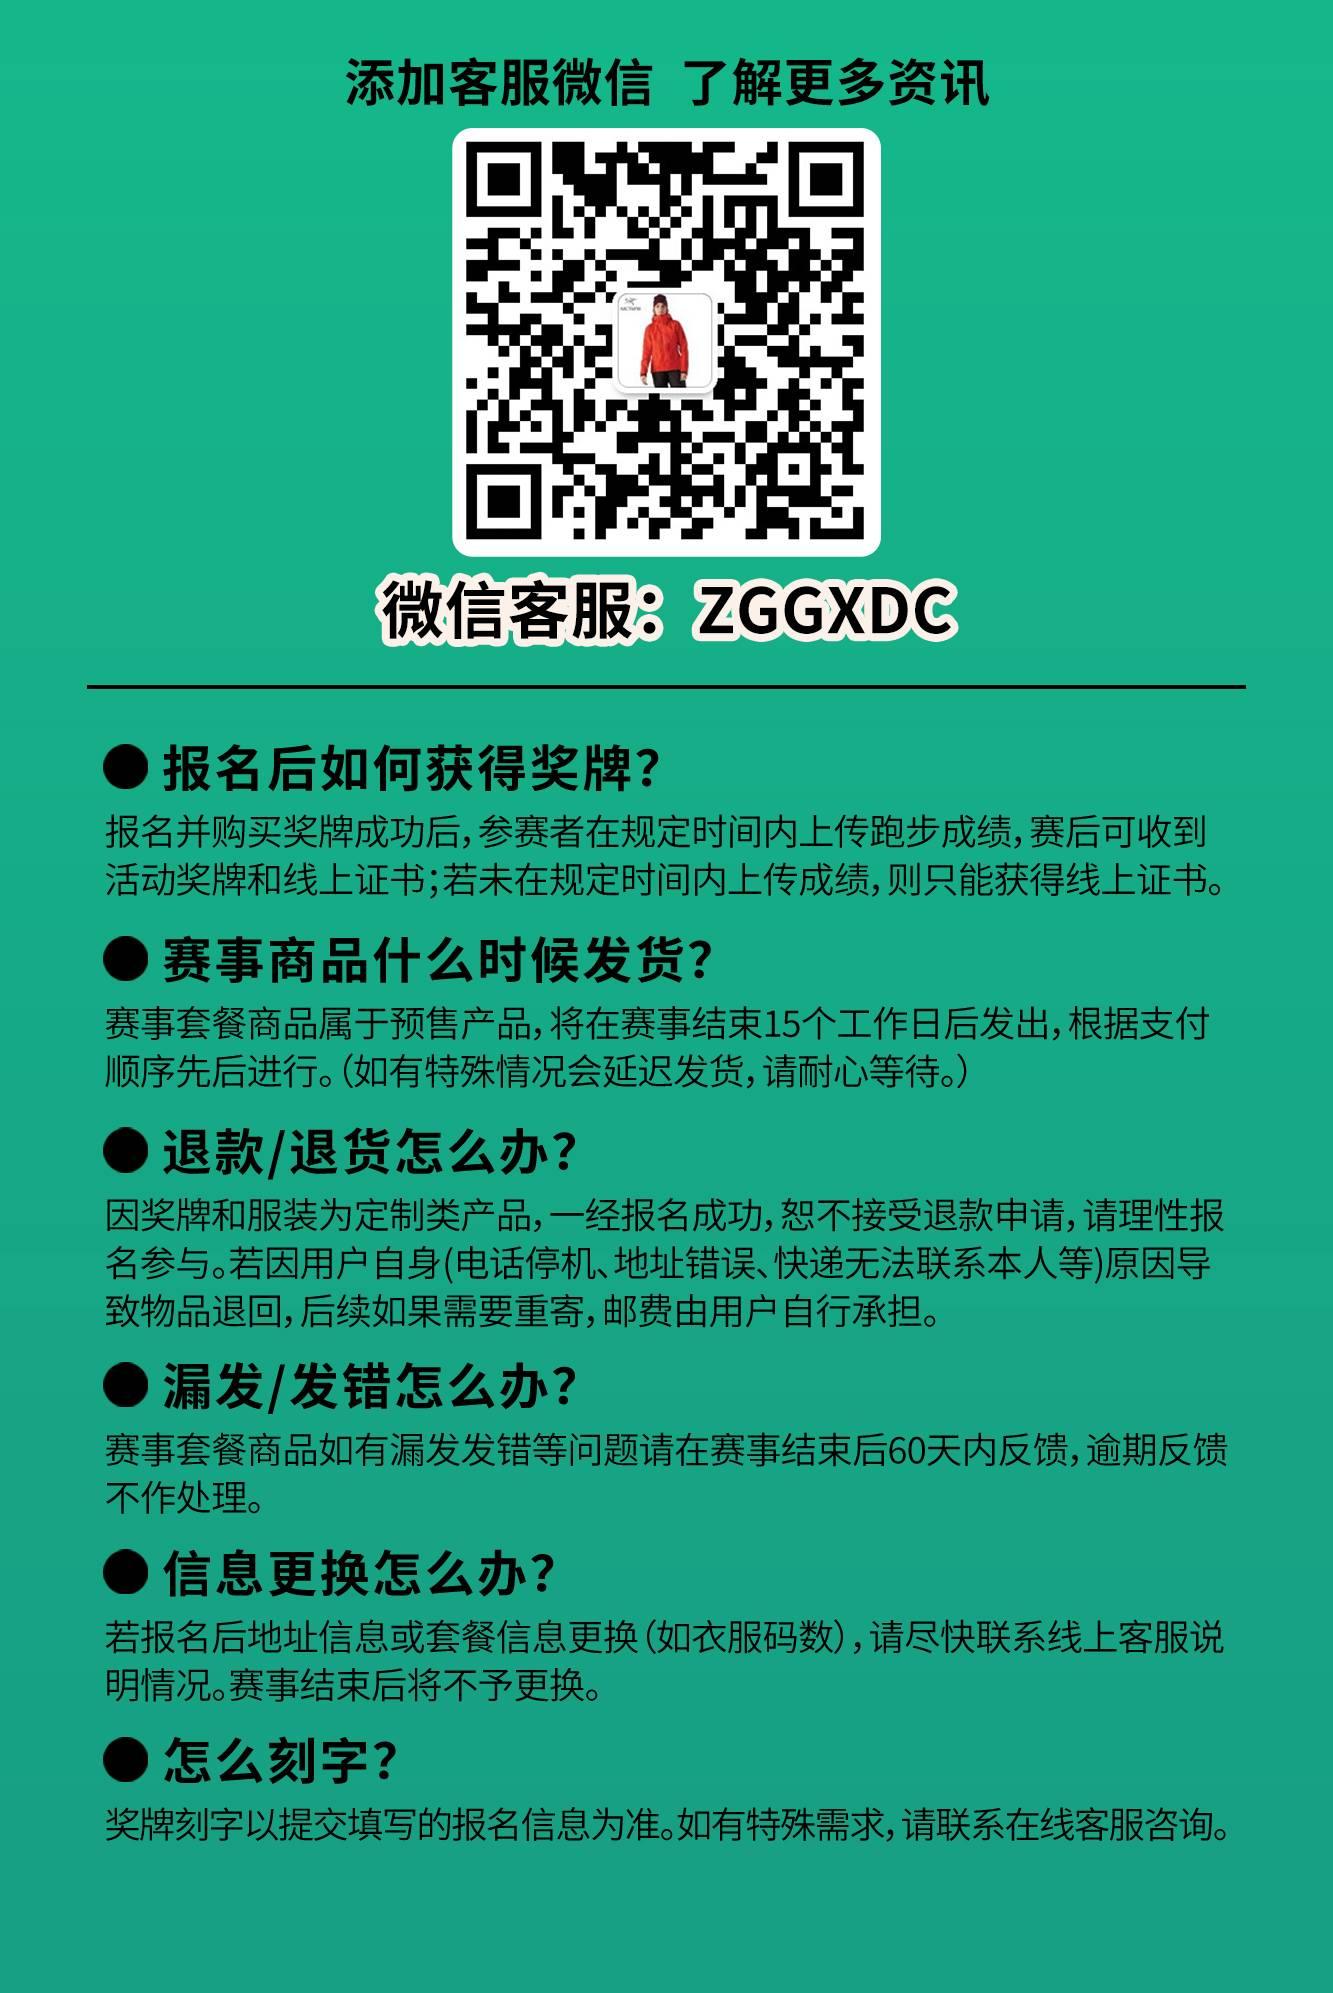 跑遍中国-上海活动_06.jpg